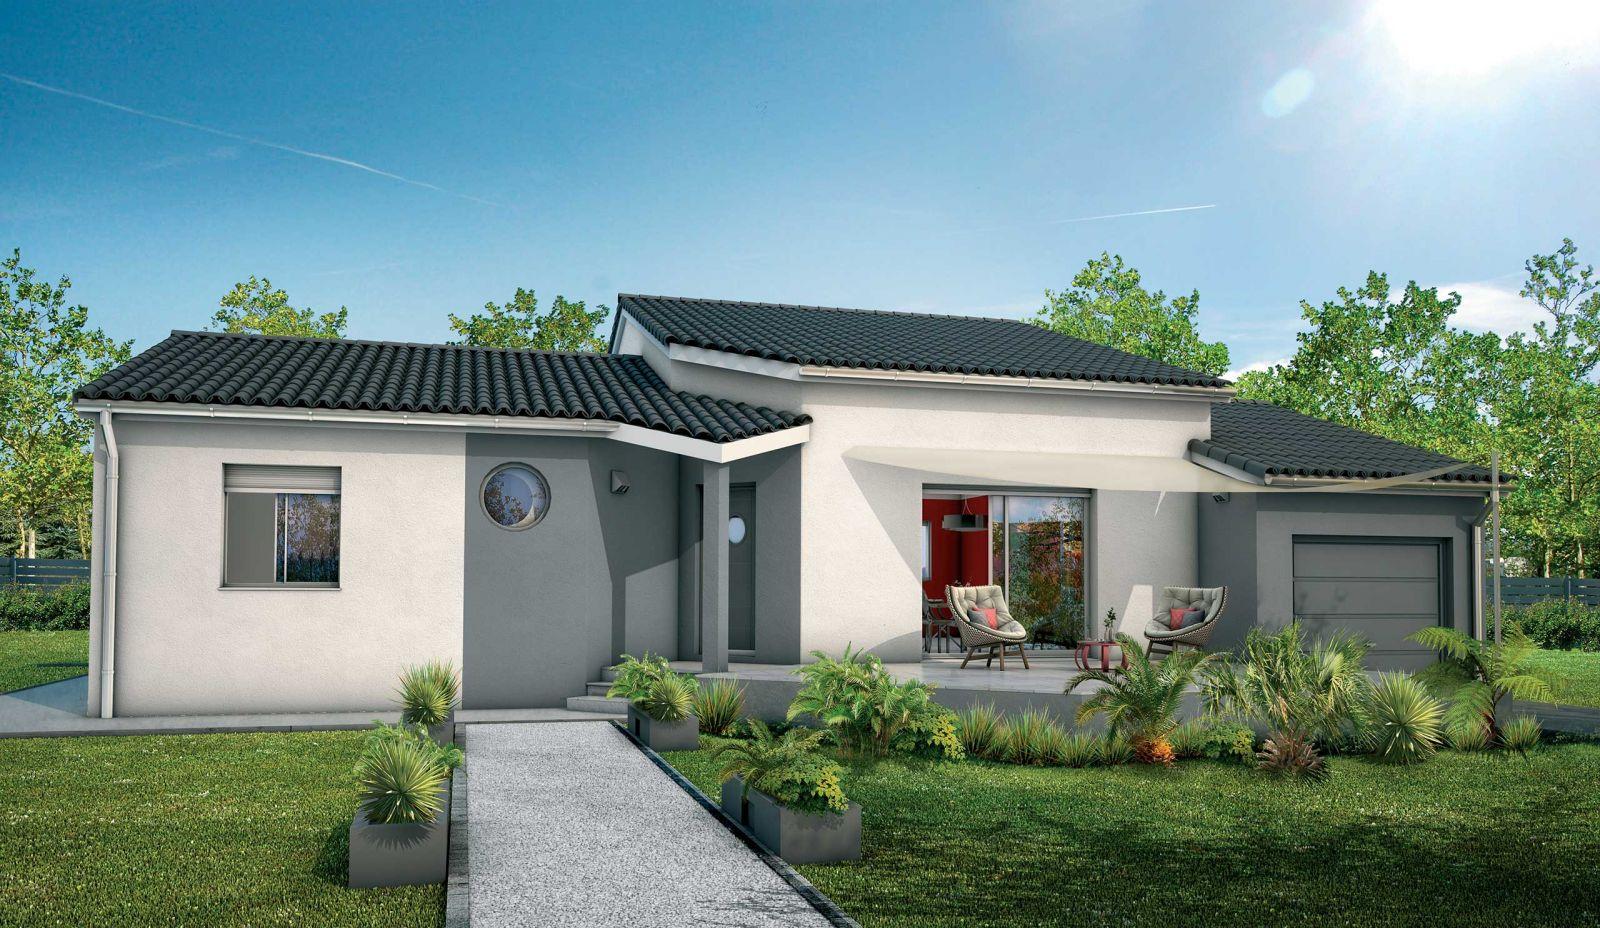 maison semi-étage + garage 141 m² globale + terrain 700 m² viabilisé à St Médard d' Eyrans 33650